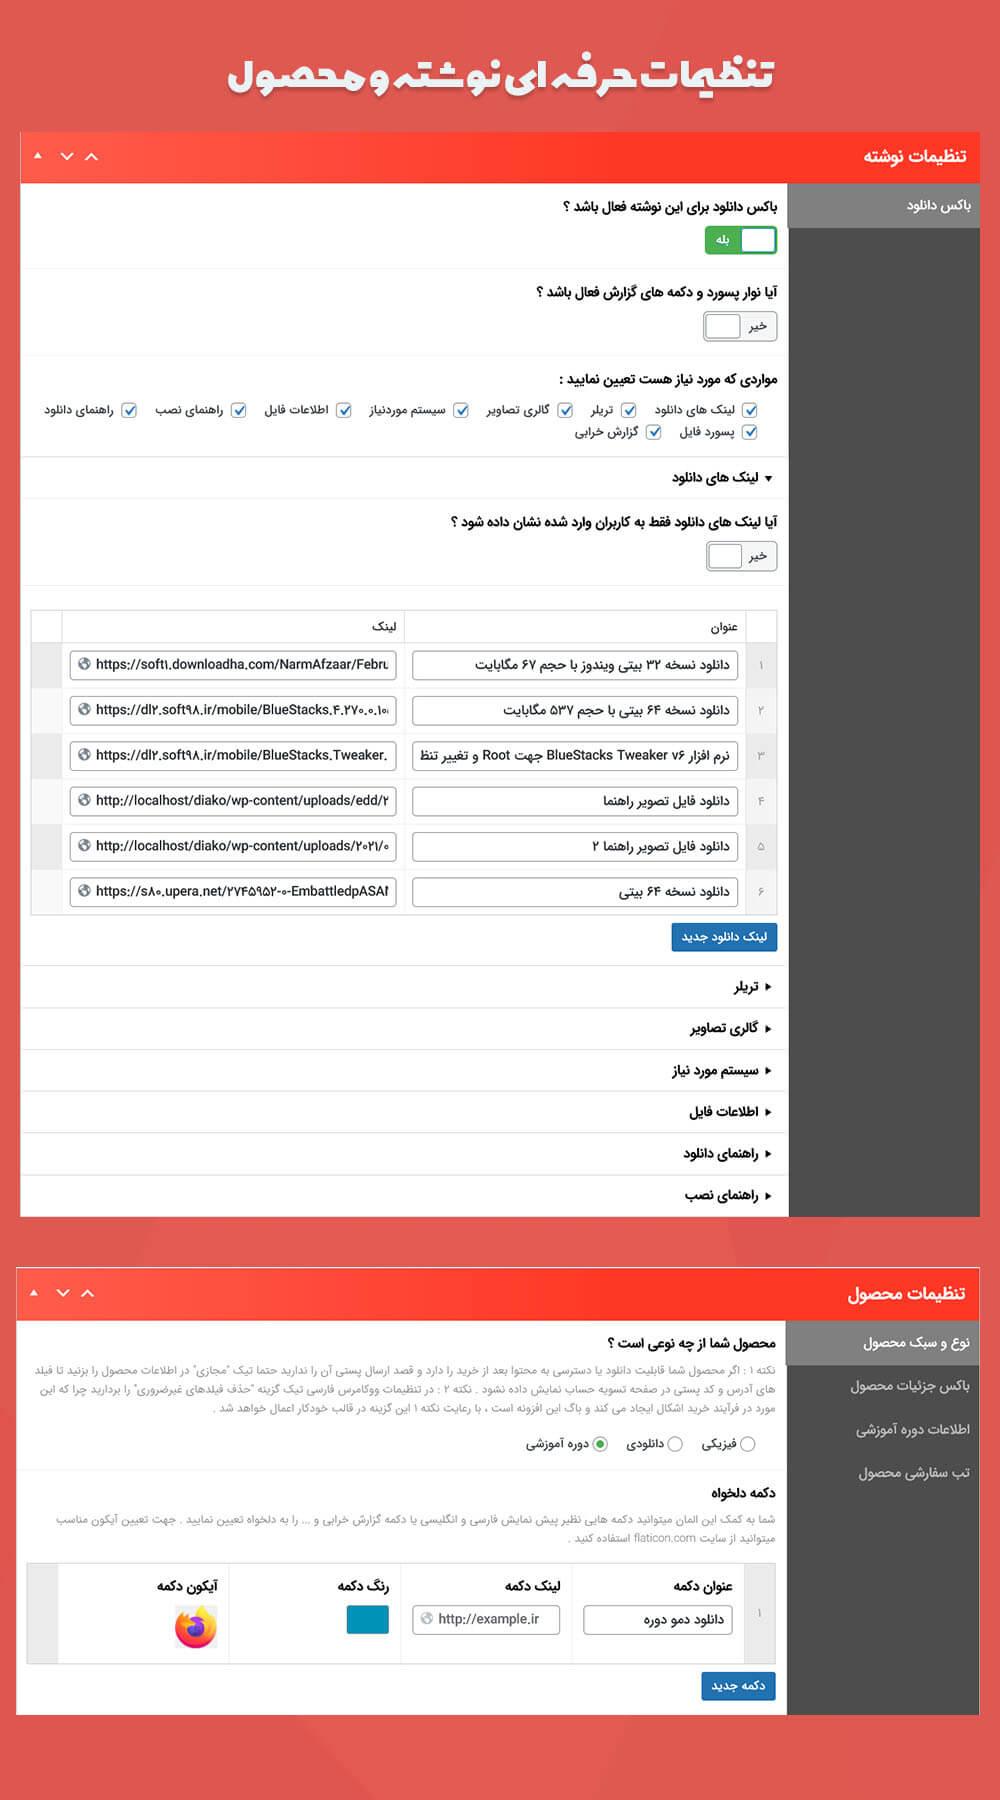 تنظیمات قالب فروش فایل